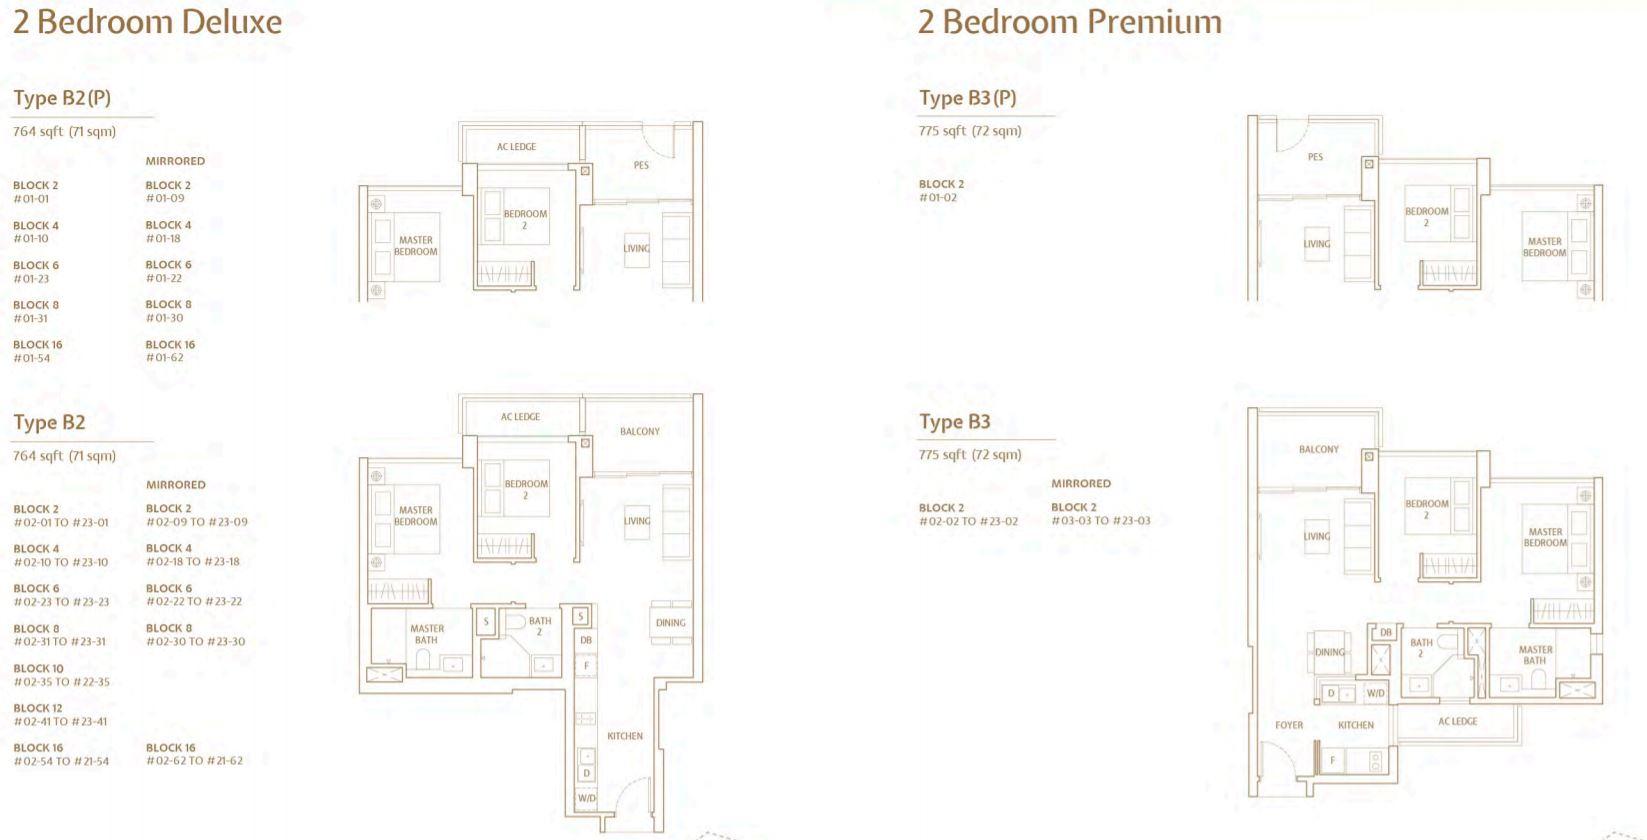 FloorPlan 2 Bedroom DeLuxe-Premium